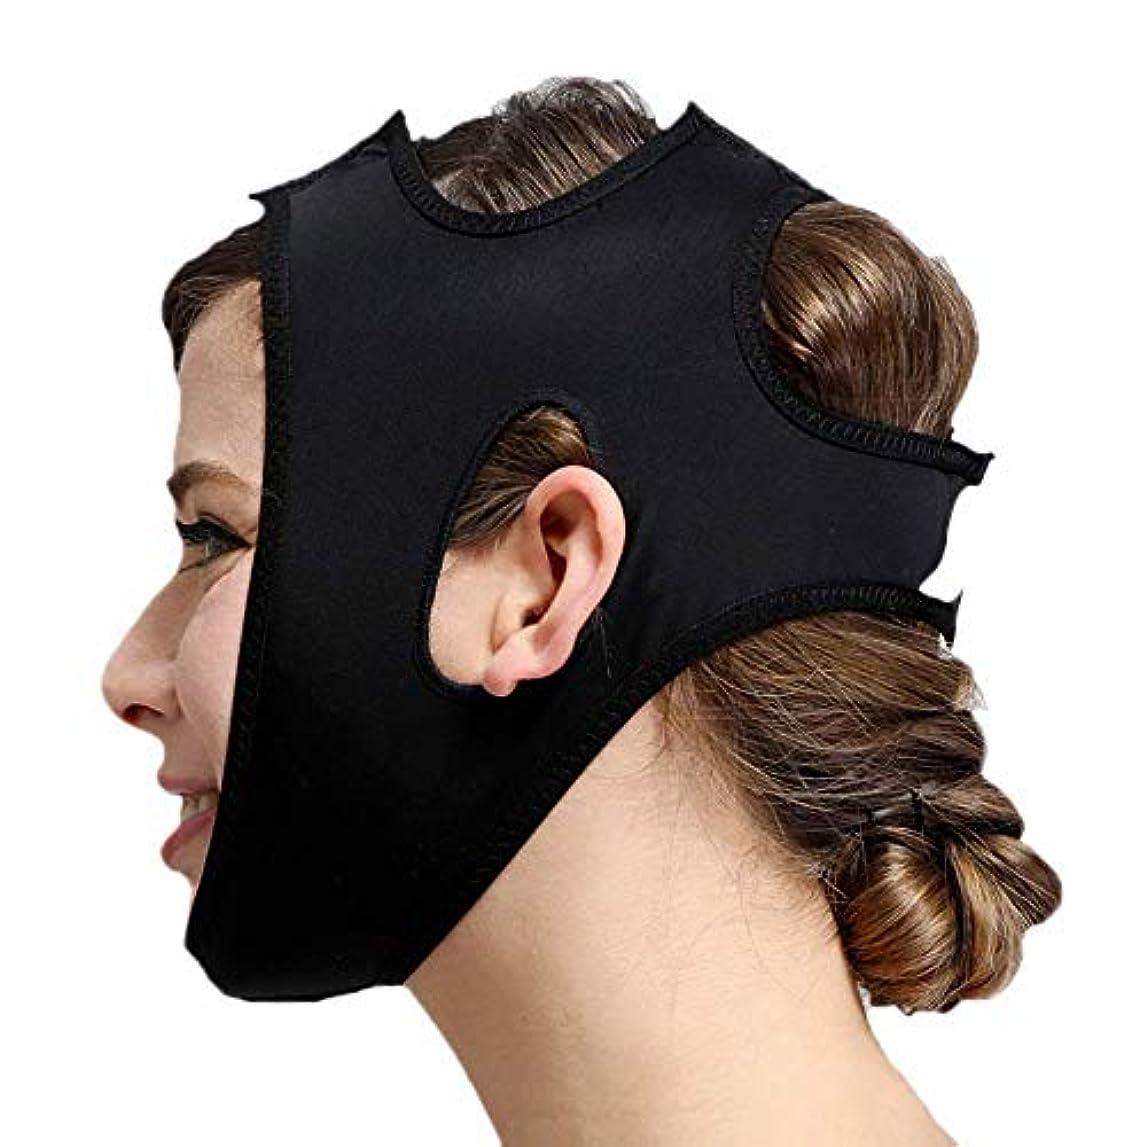 時代垂直最初フェイススリミングマスク、快適さと通気性、フェイシャルリフティング、輪郭の改善された硬さ、ファーミングとリフティングフェイス(カラー:ブラック、サイズ:XL),黒、XXL